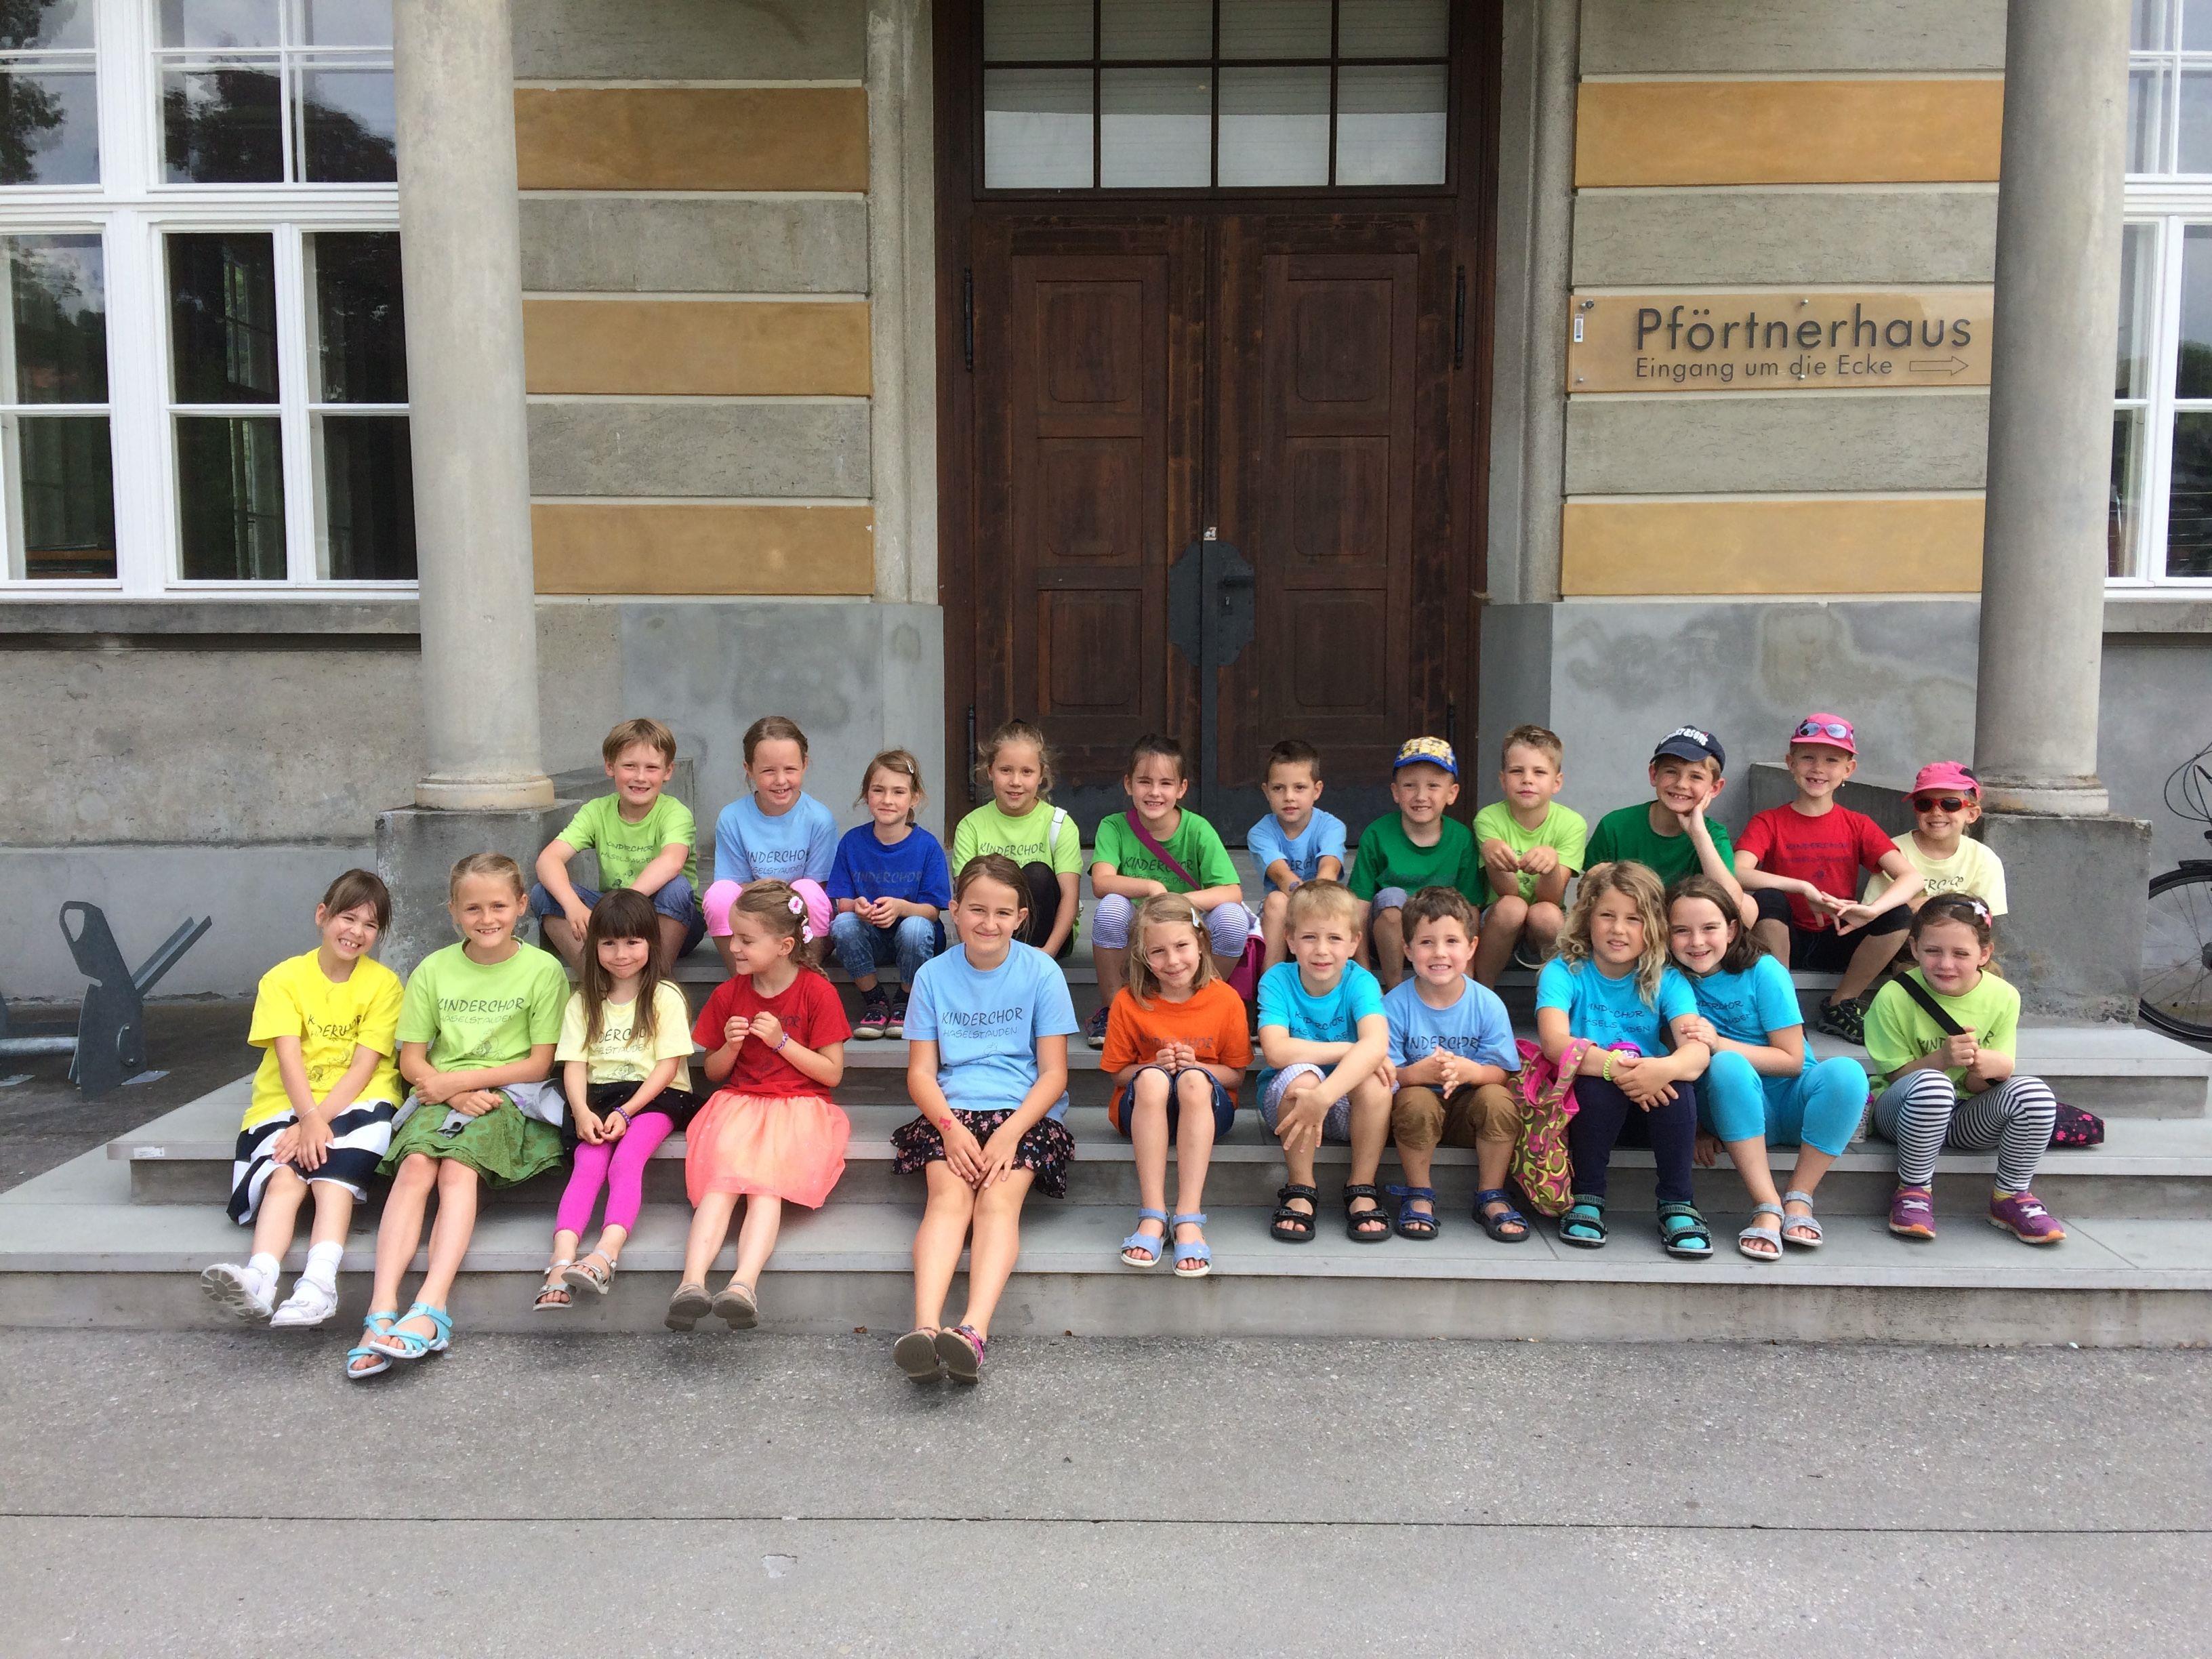 Kinderchor Haselstauden beim Wertungssingen 2017 in Feldkirch